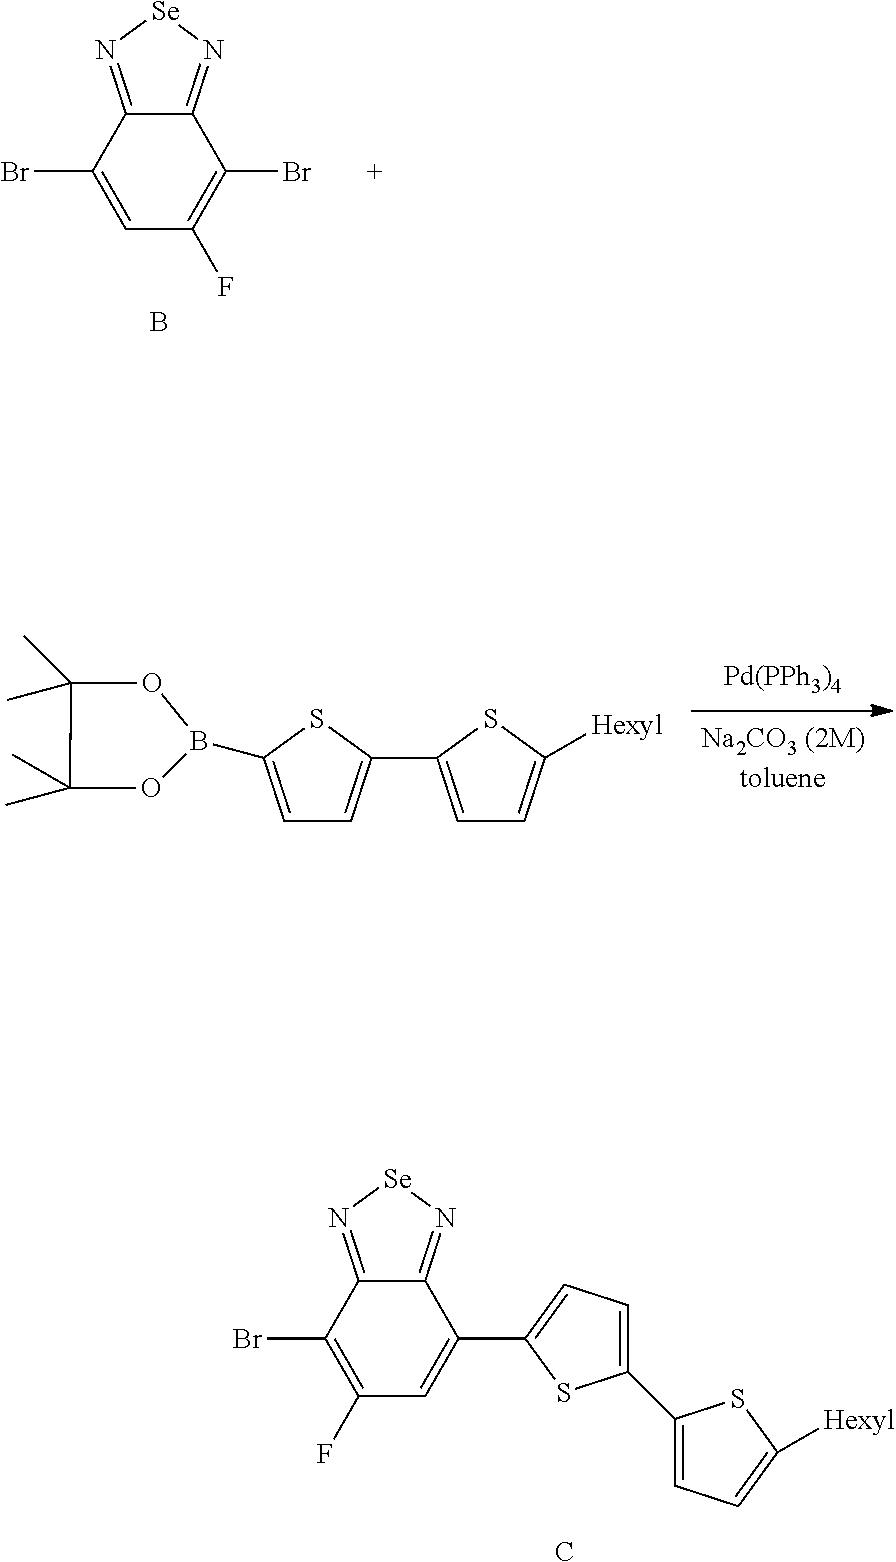 Figure US09543529-20170110-C00019